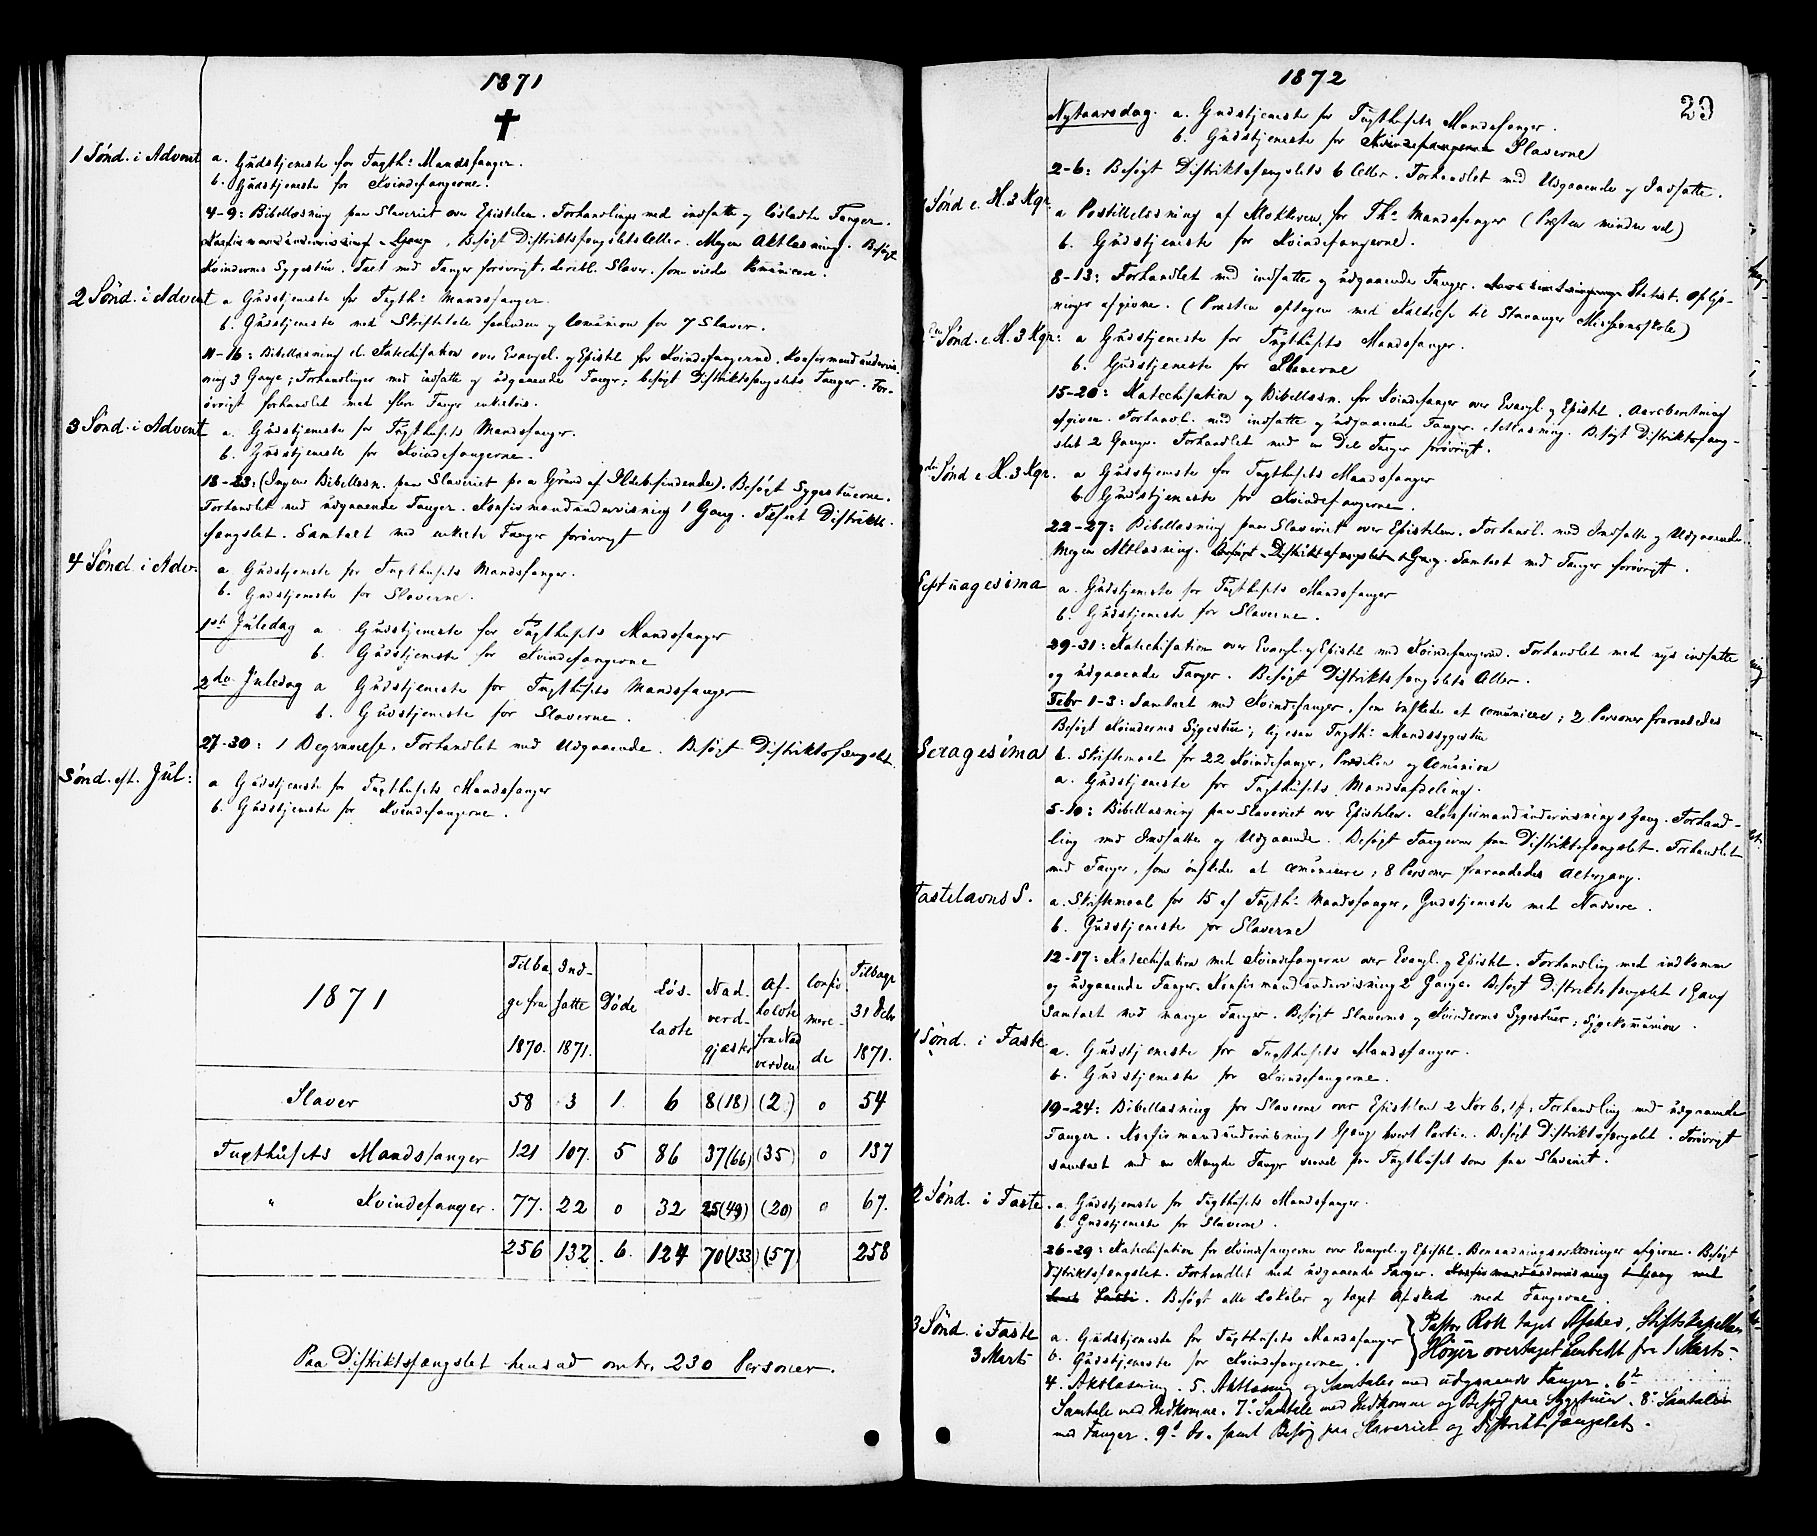 SAT, Ministerialprotokoller, klokkerbøker og fødselsregistre - Sør-Trøndelag, 624/L0482: Ministerialbok nr. 624A03, 1870-1918, s. 29